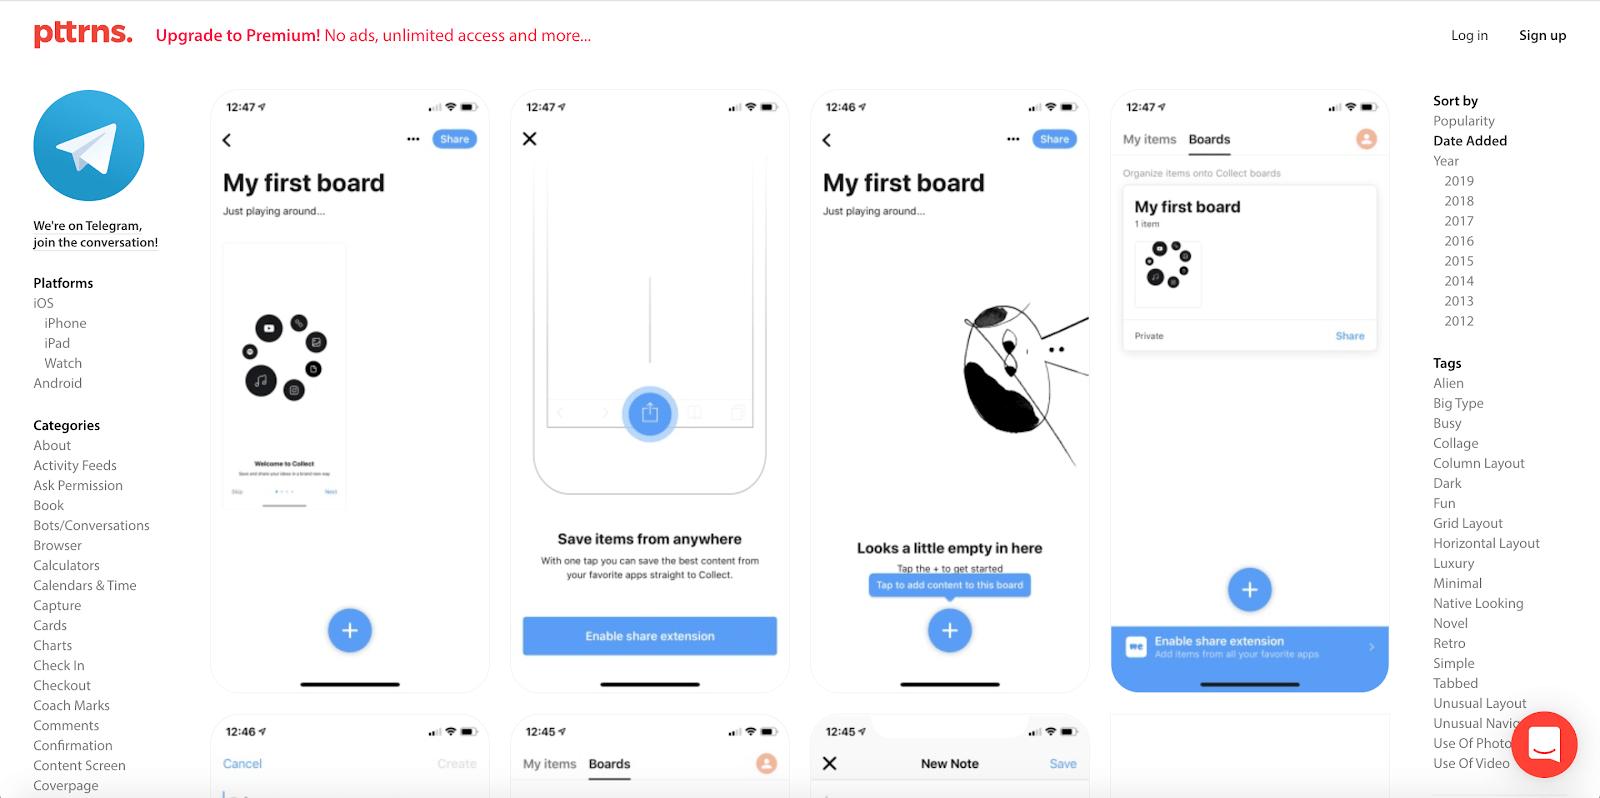 pttrns mobile designs